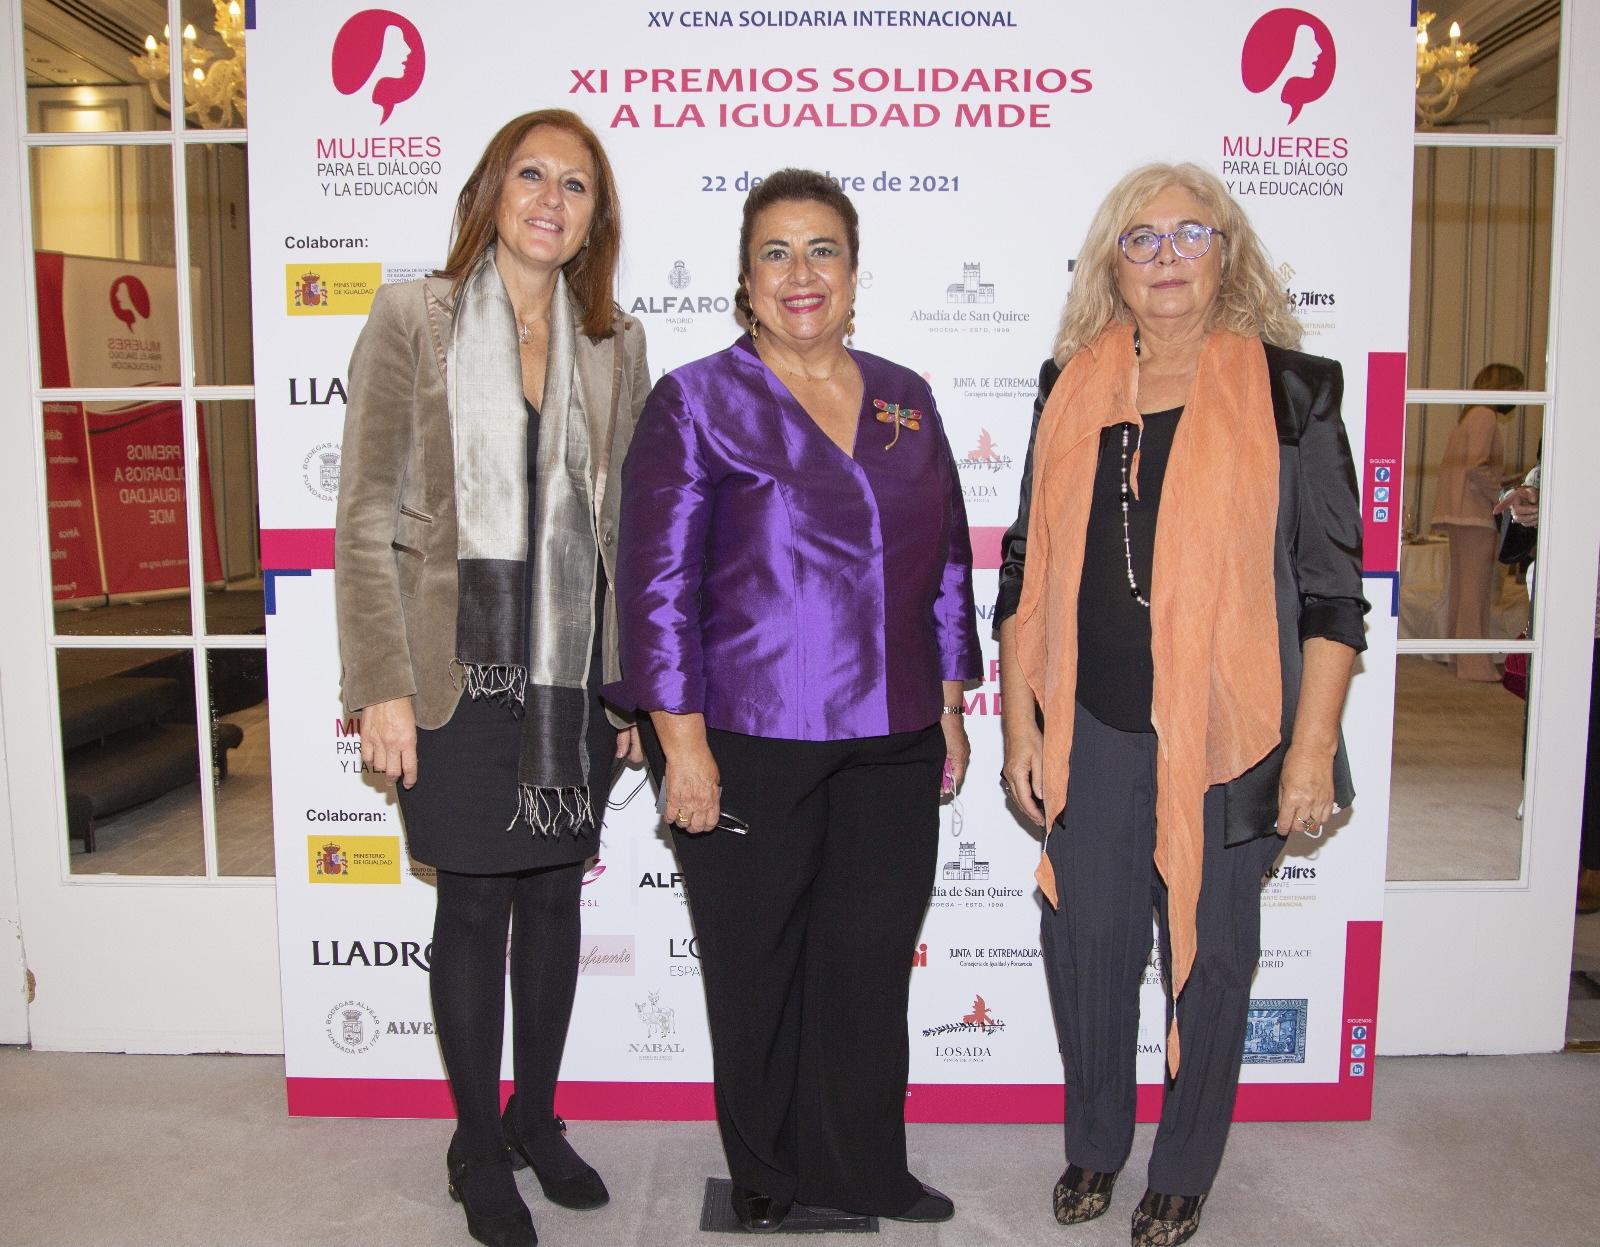 La Complutense, reconocida como la Institución más comprometida con la mujer en los XI Premios Solidarios a la Igualdad